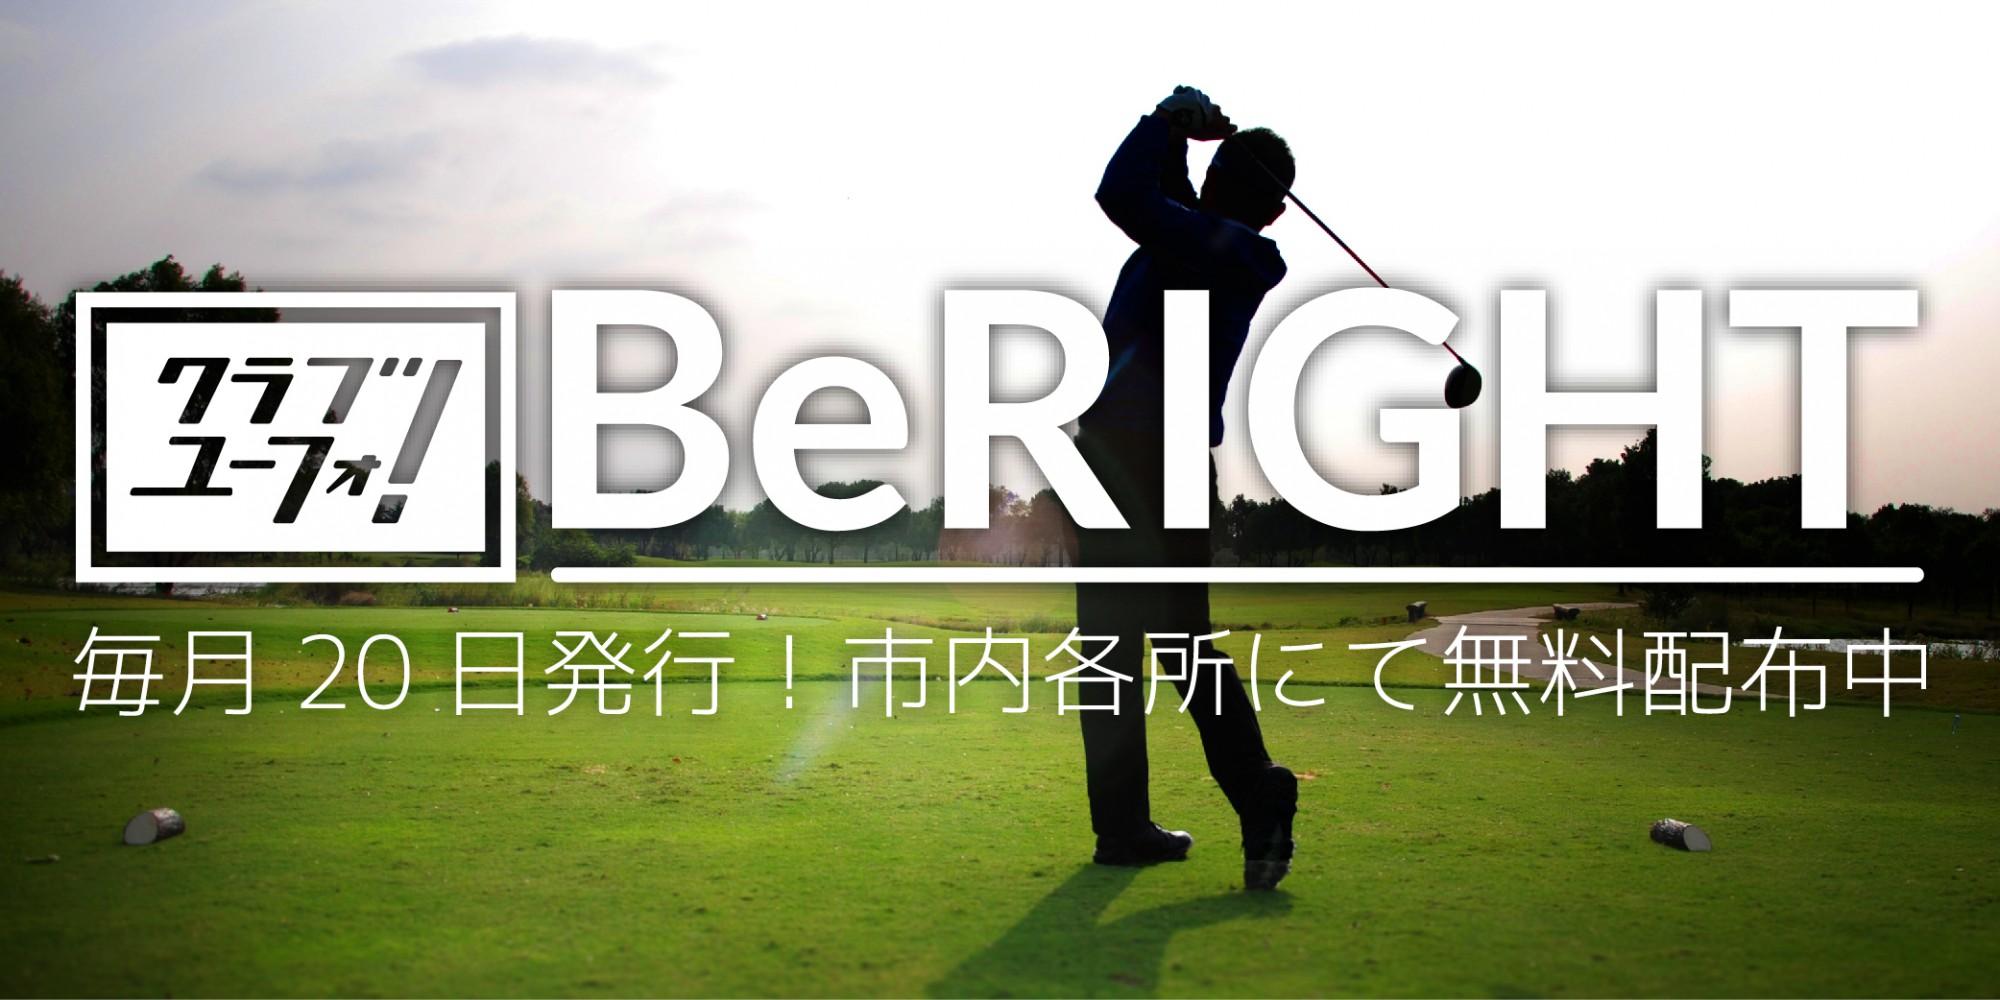 『BeRIGHT』10月号好評配布中!シルポートで「90」を切る方法を解説します!